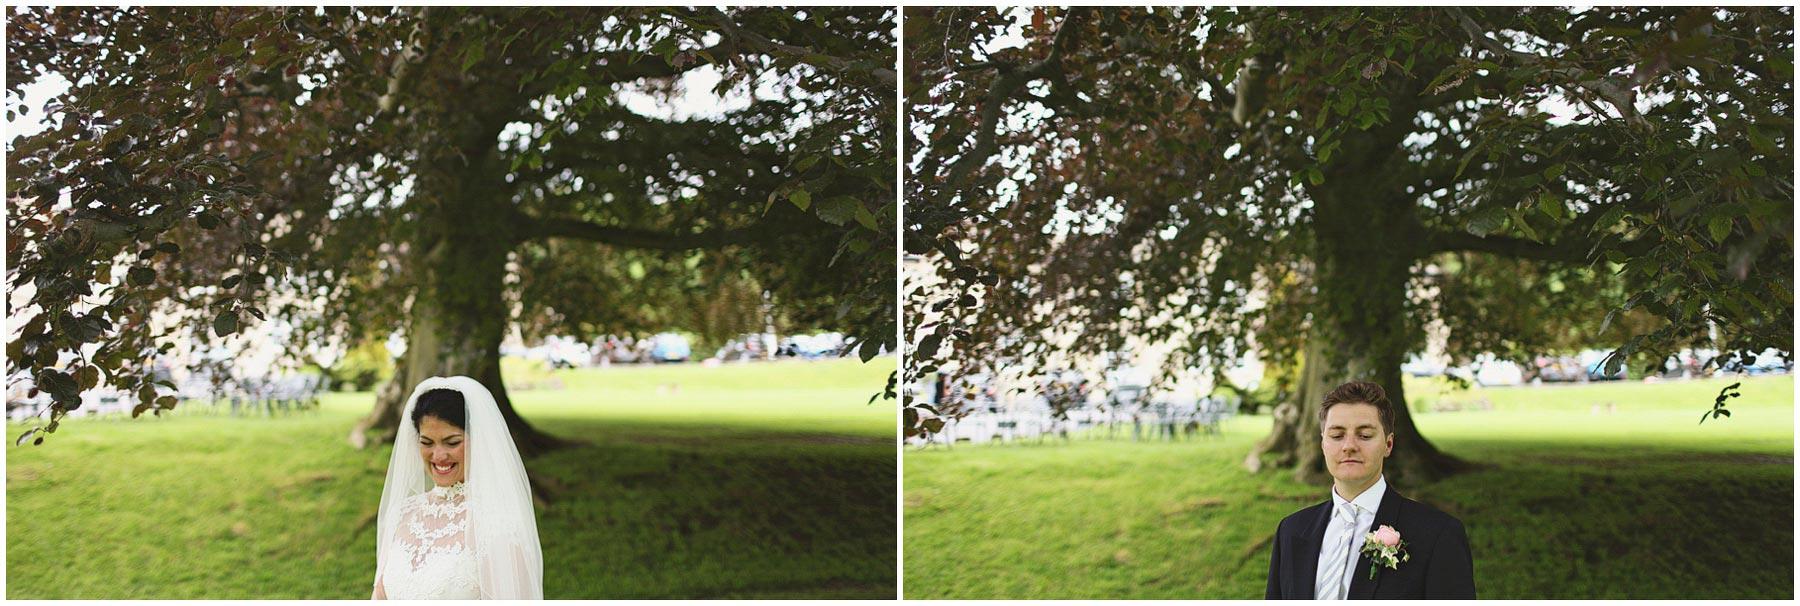 Wentbridge-House-Wedding-Photography-123